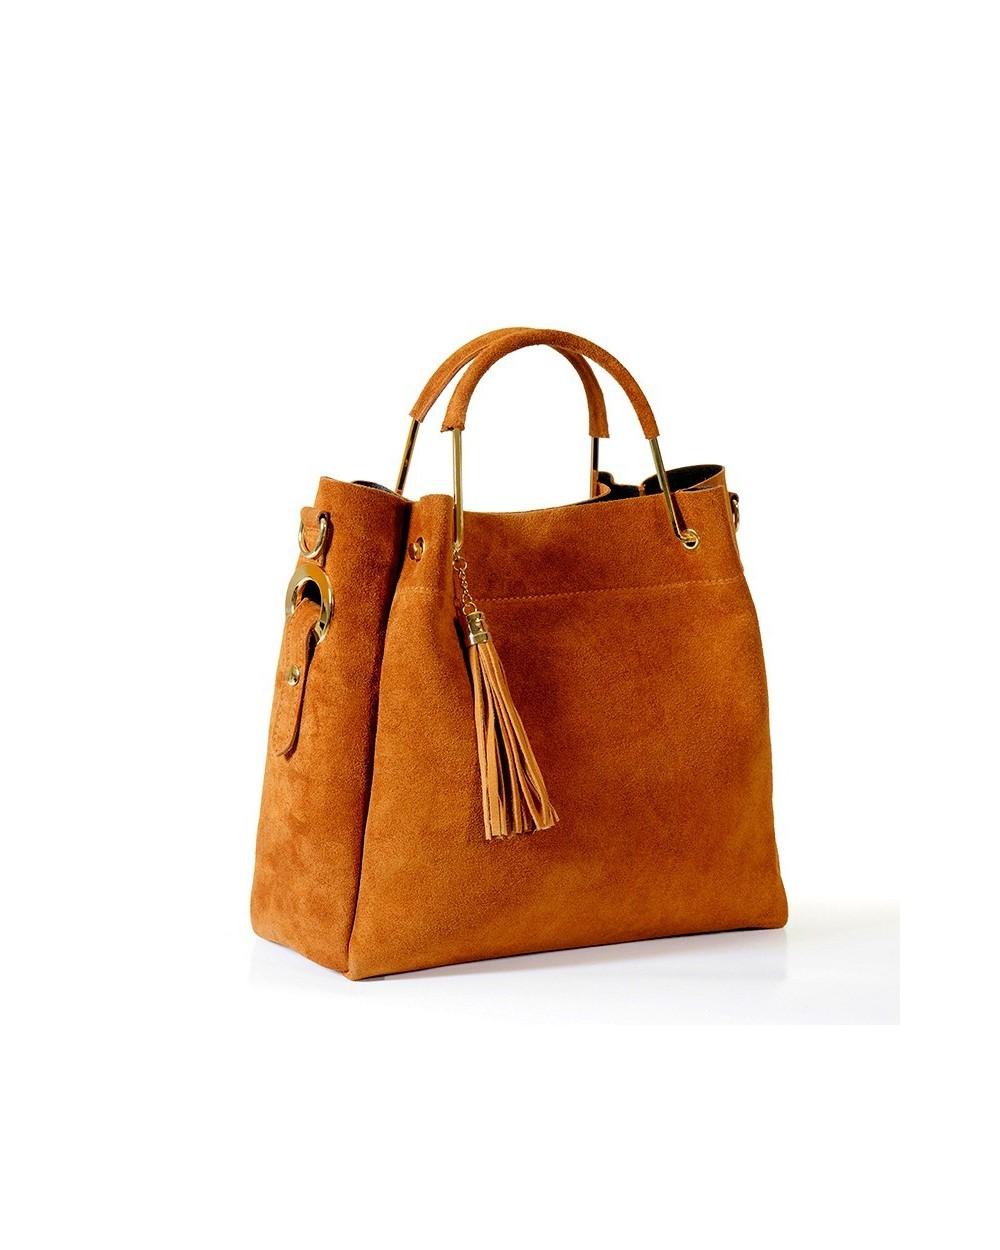 b28dd616e8c6f Włoska torebka zamszowa duży kuferek z frędzelkiem a la LV camel. ‹ ›